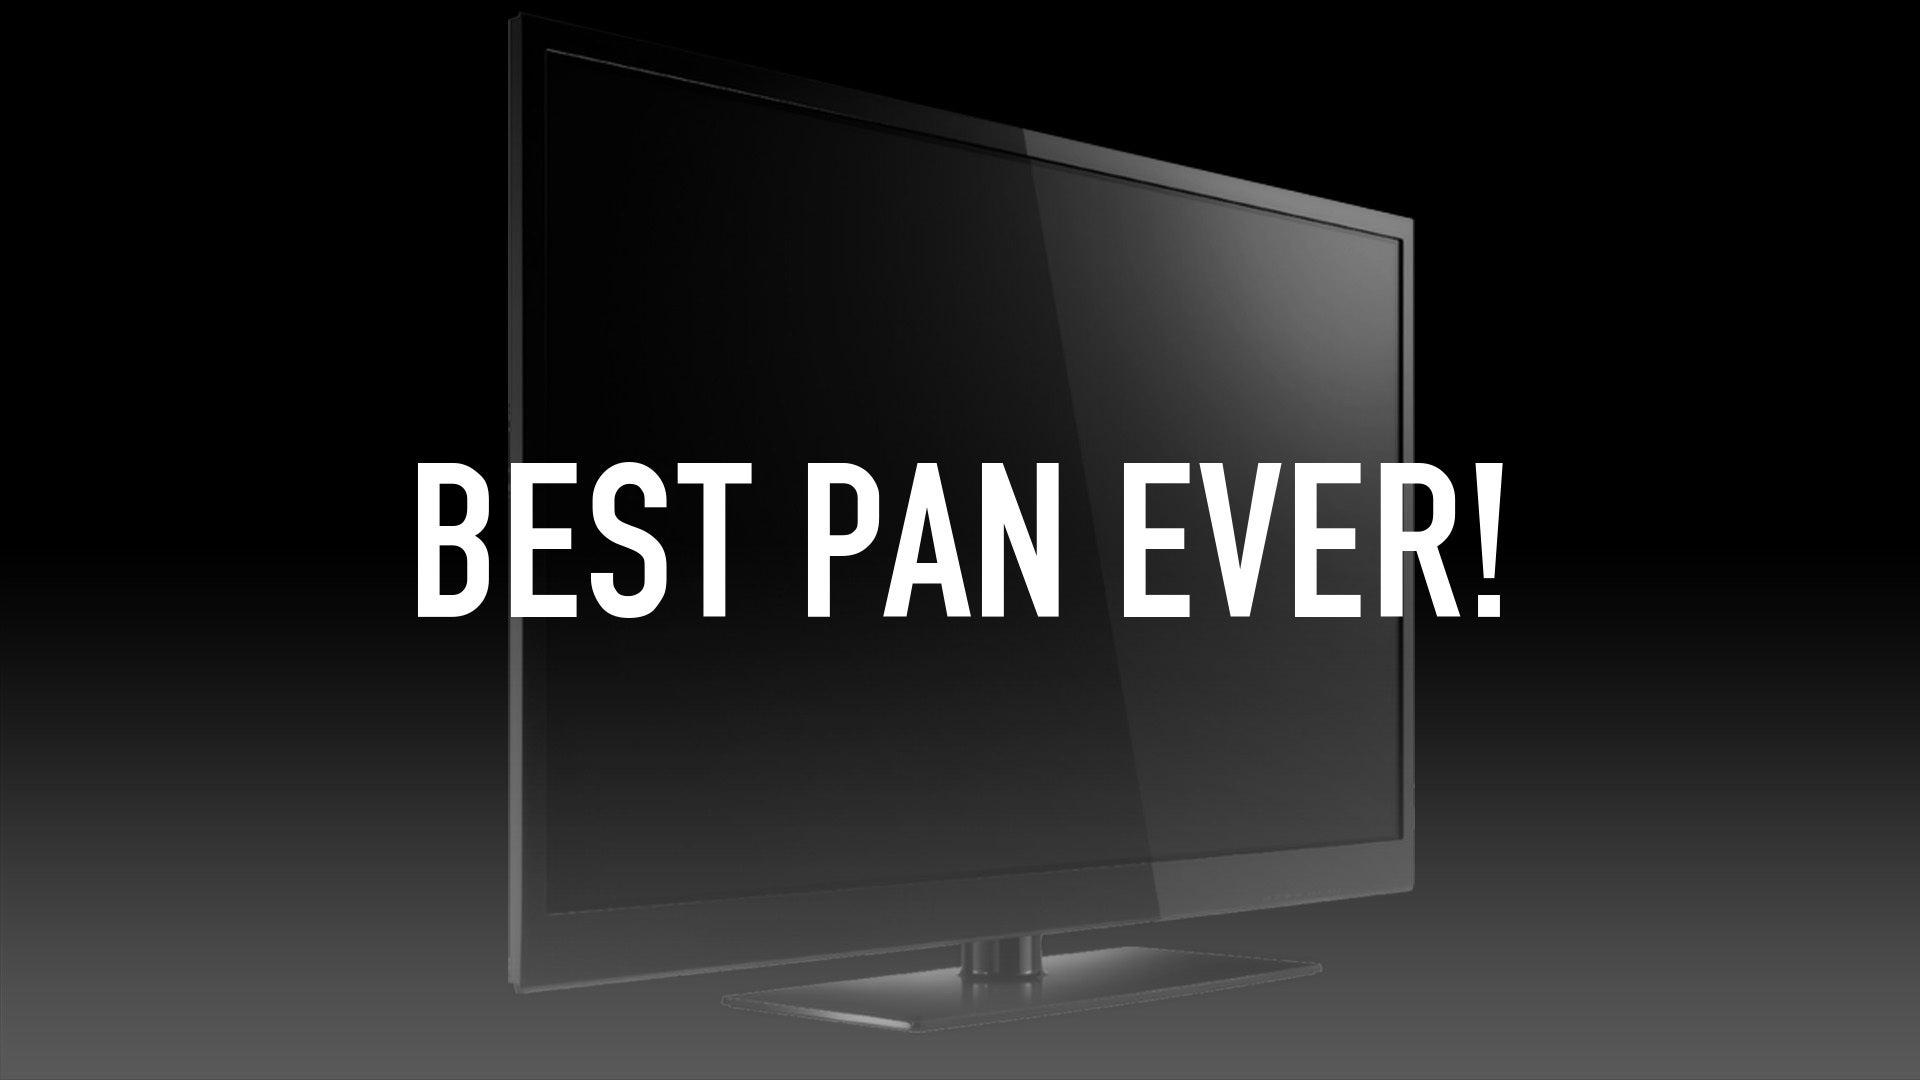 Best Pan Ever!